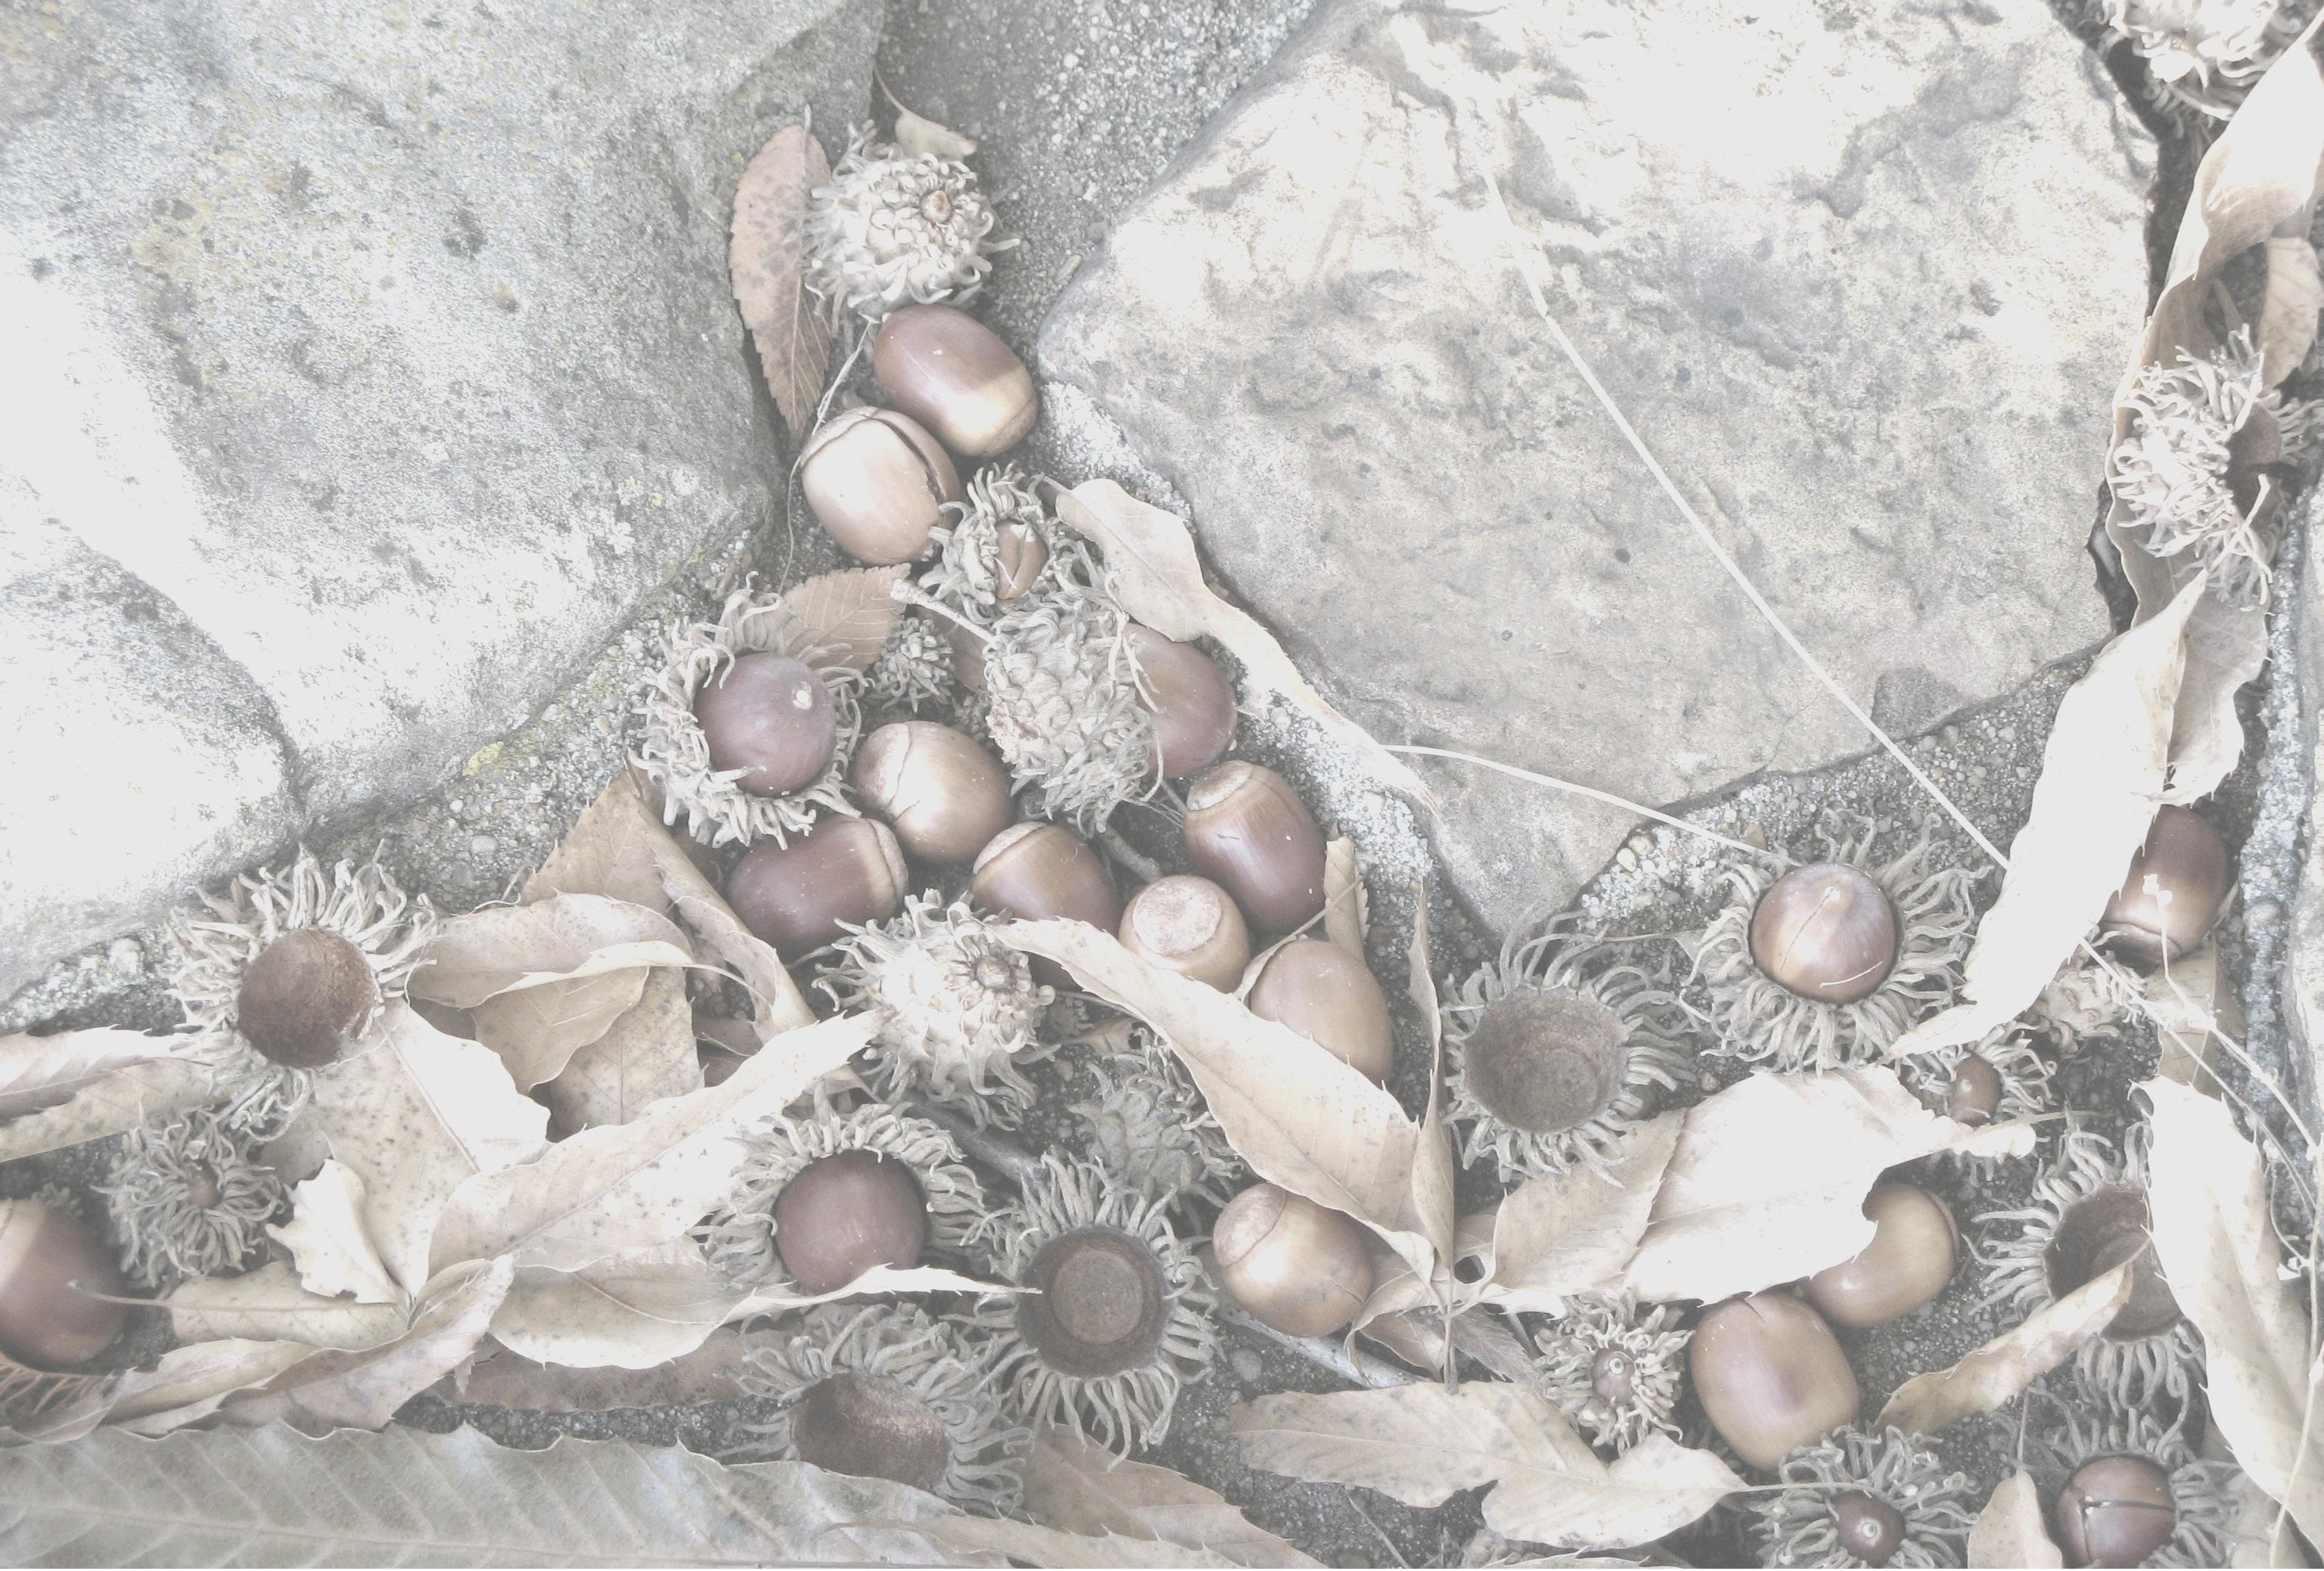 Shaggy-capped acorns